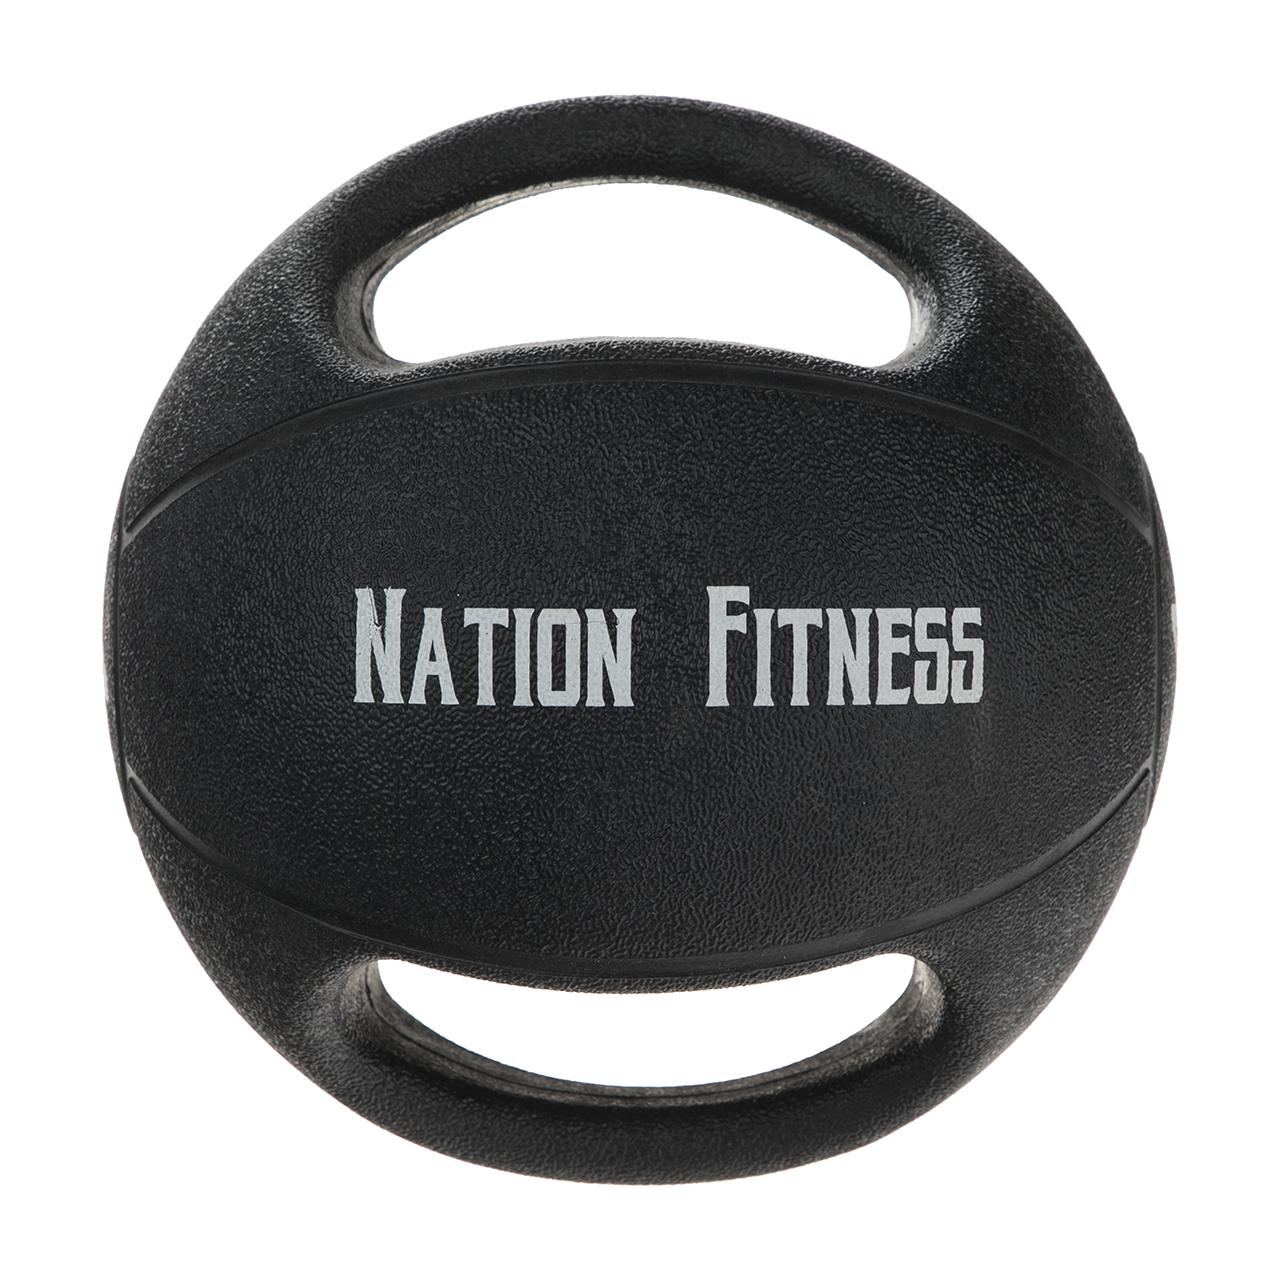 توپ مدیسن بال نیشن فیتنس مدل Bullet وزن 10 کیلوگرم